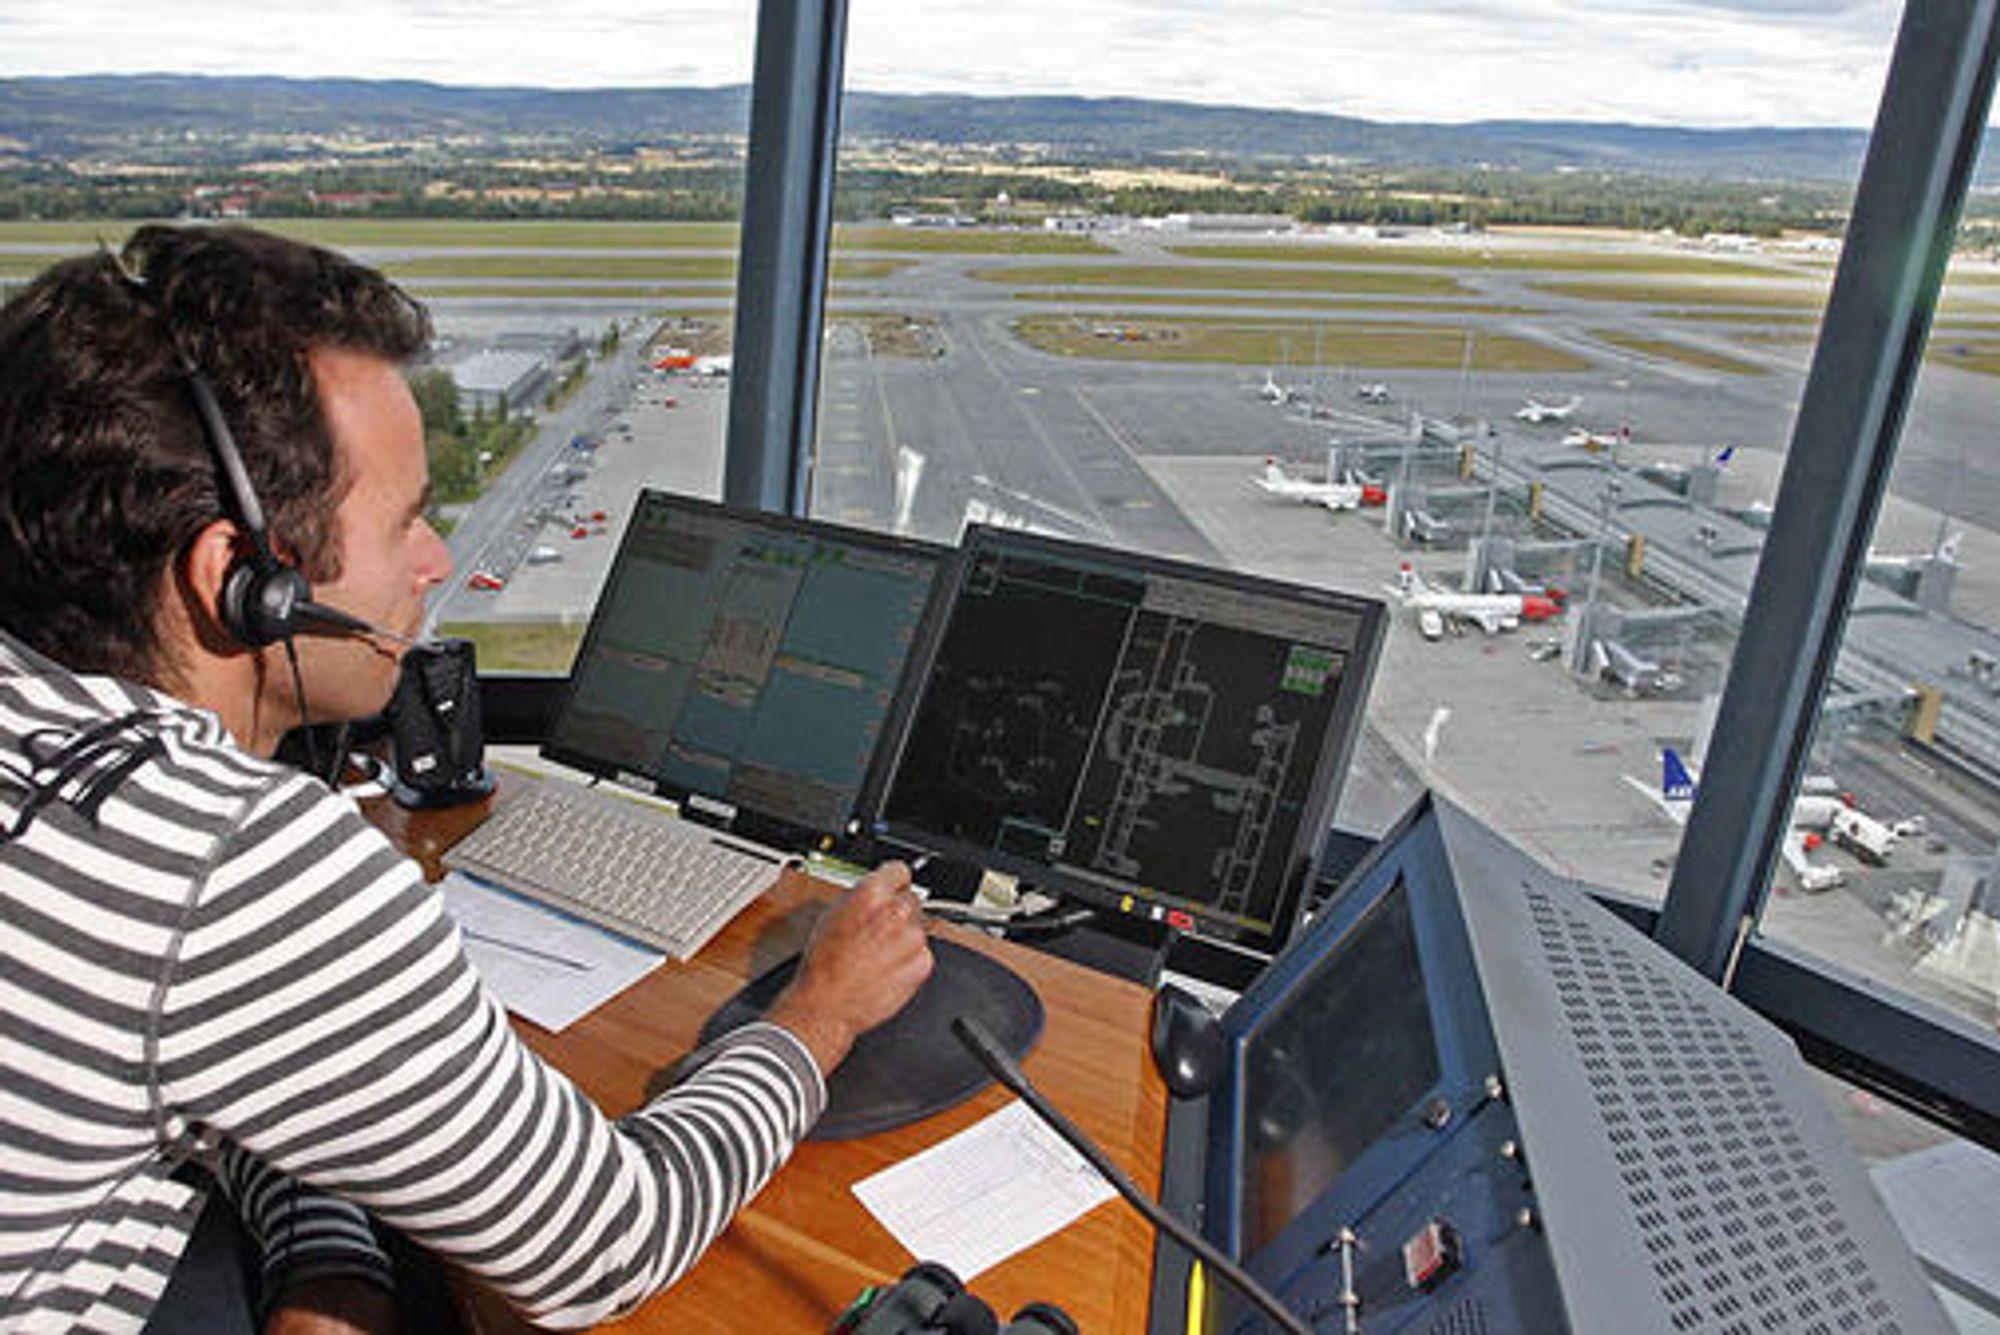 Flyveleder ved Oslo Lufthavn Gardermoen (OSL). Verken OSL eller personen på bildet er relatert til saken.